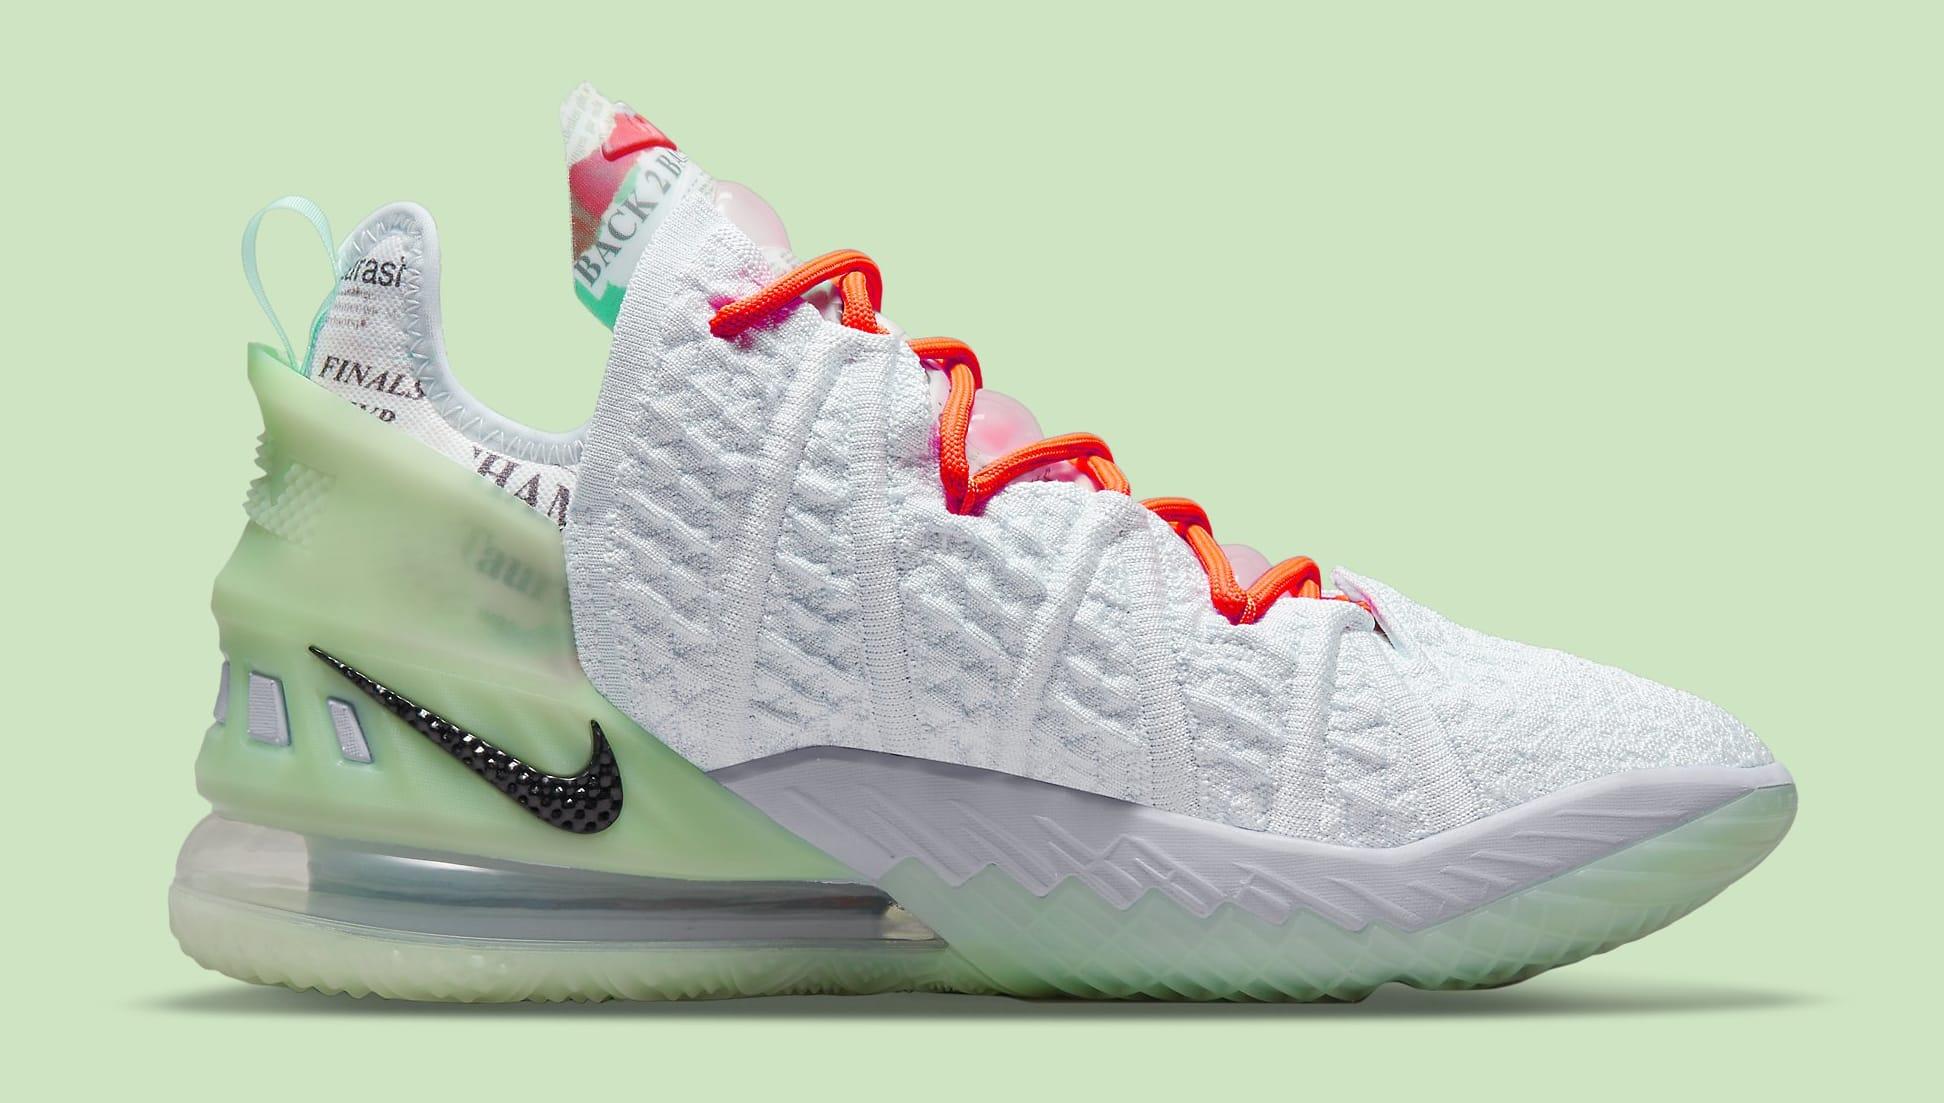 Diana Taurasi x Nike LeBron 18 PE CQ9283-401 Medial